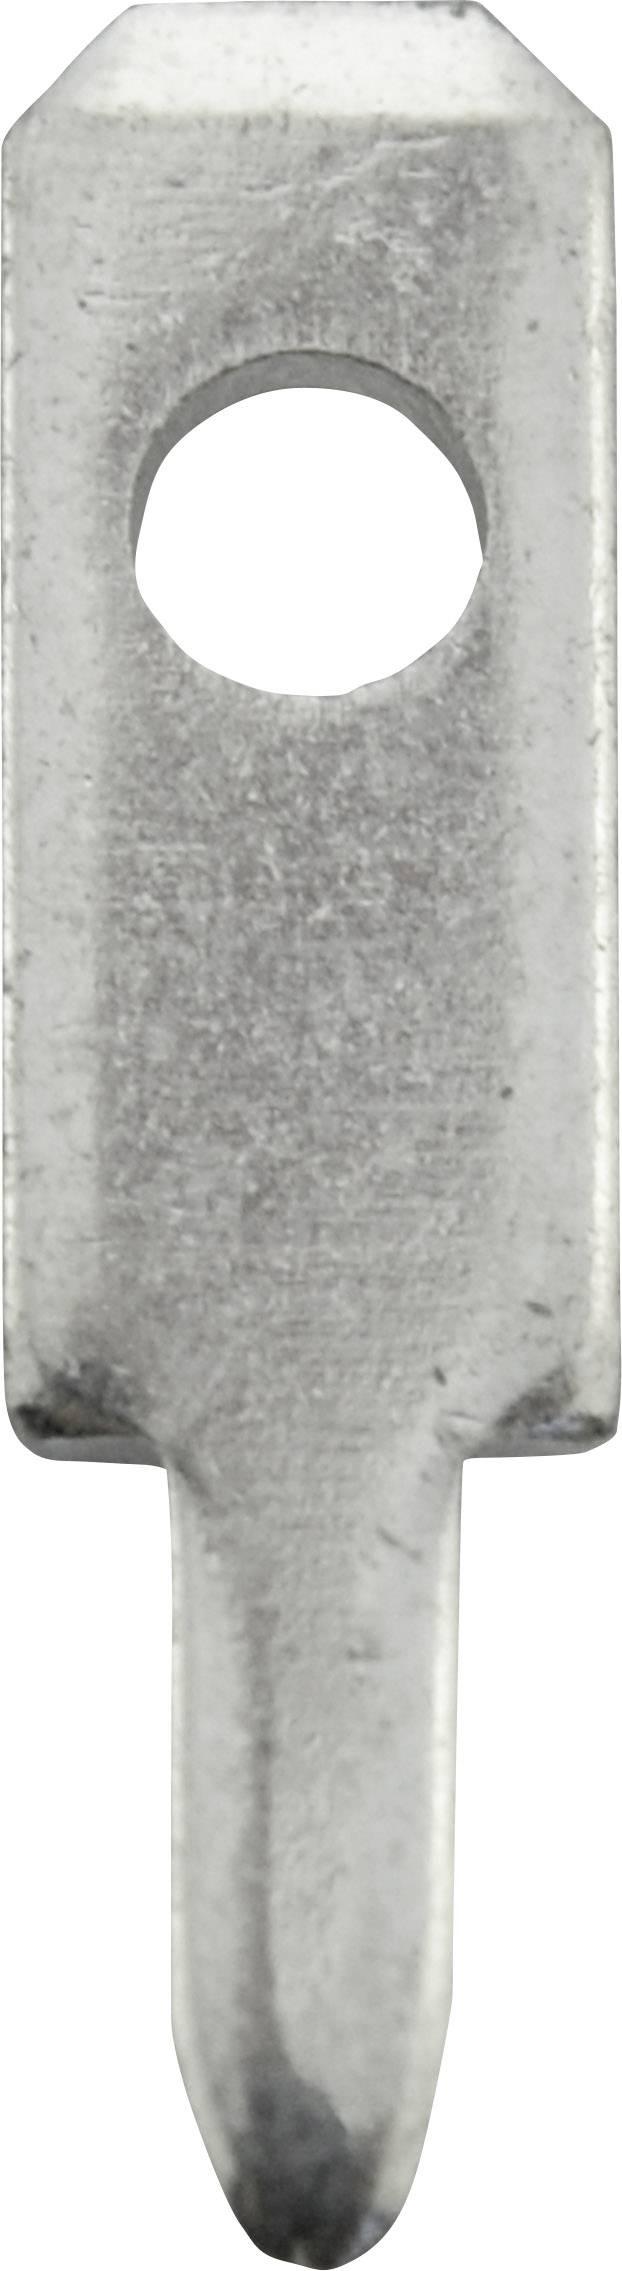 Faston zástrčka Vogt Verbindungstechnik 378008,68 2.8 mm x 0.8 mm, 180 °, neizolované, kov, 100 ks